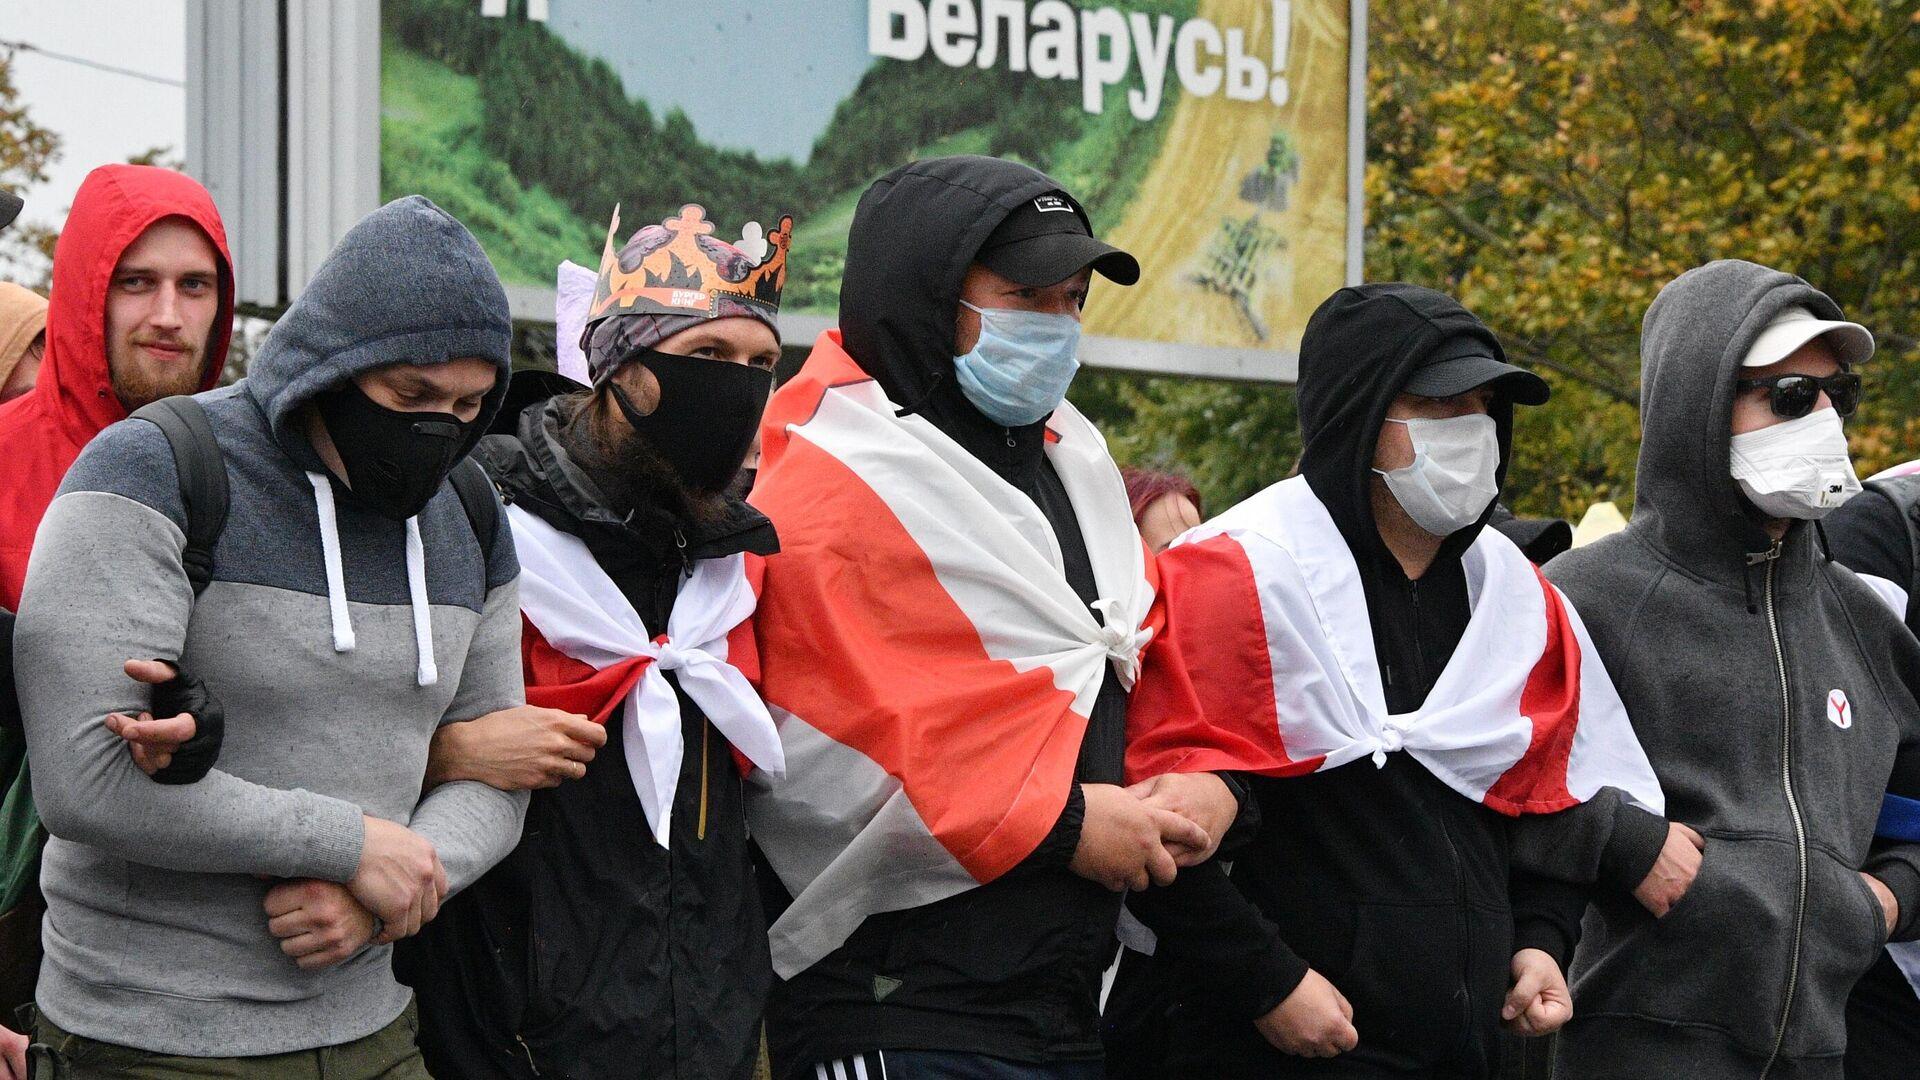 Во время несанкционированной акции протеста оппозиции в Минске - РИА Новости, 1920, 02.10.2020